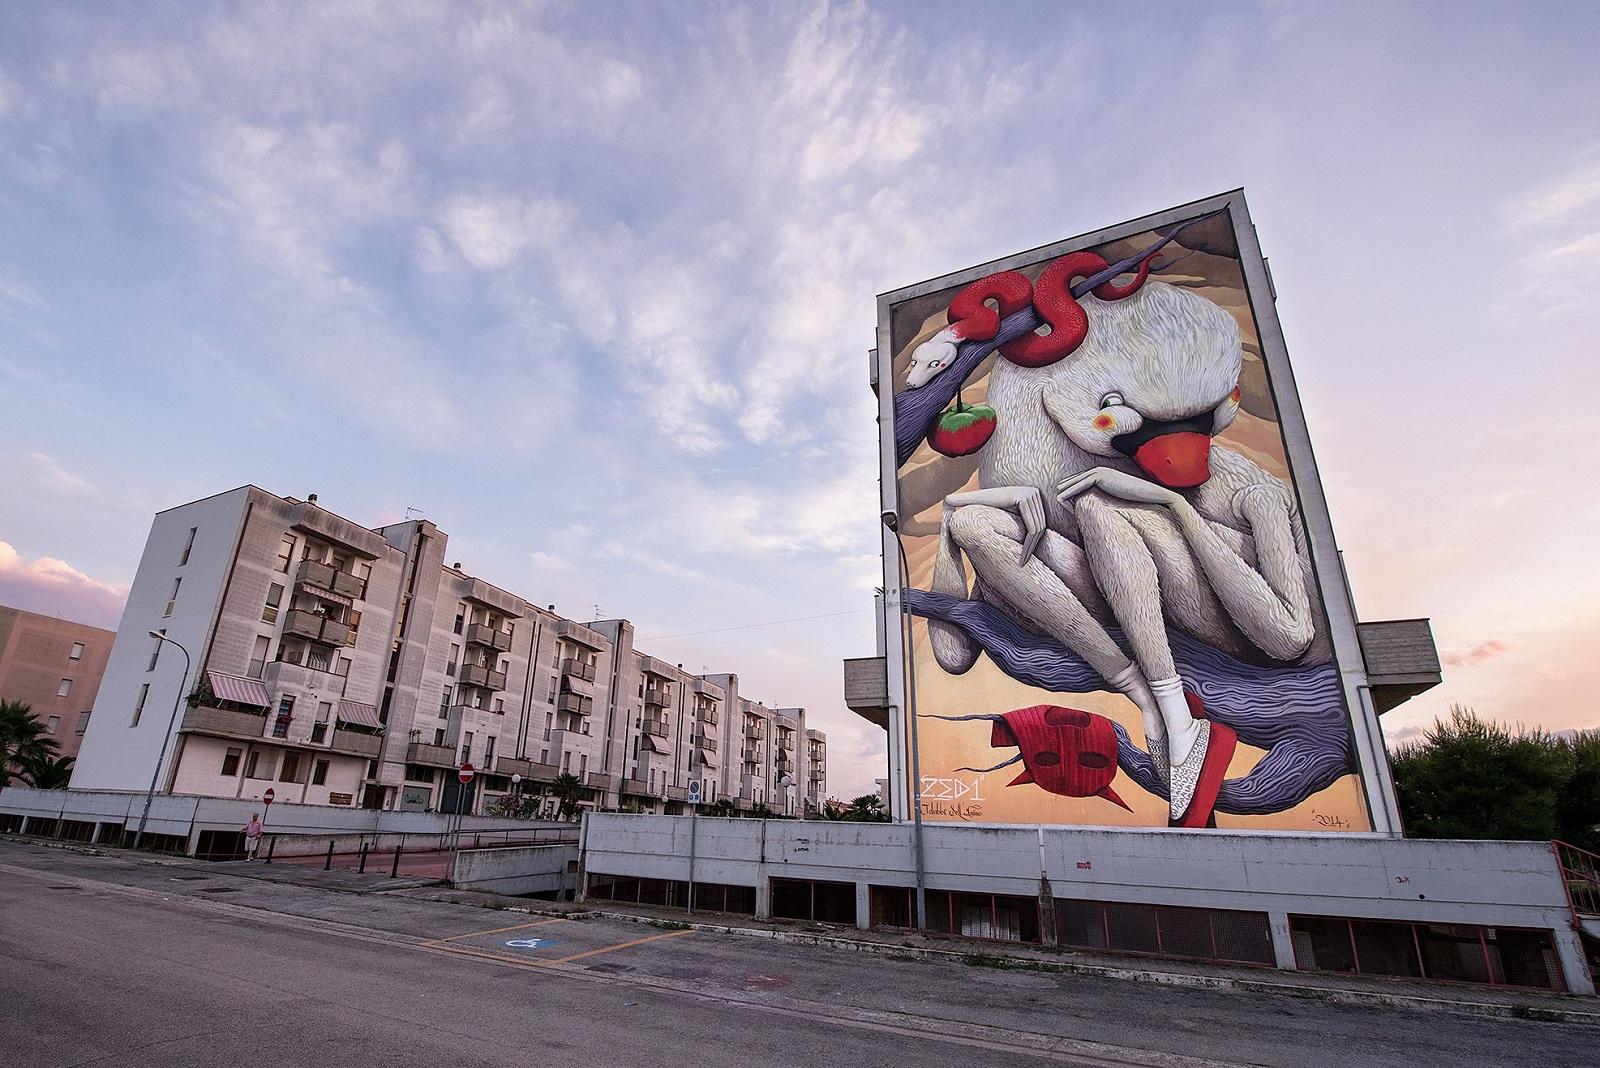 zed1-i-dubbi-dellanimo-a-new-mural-03